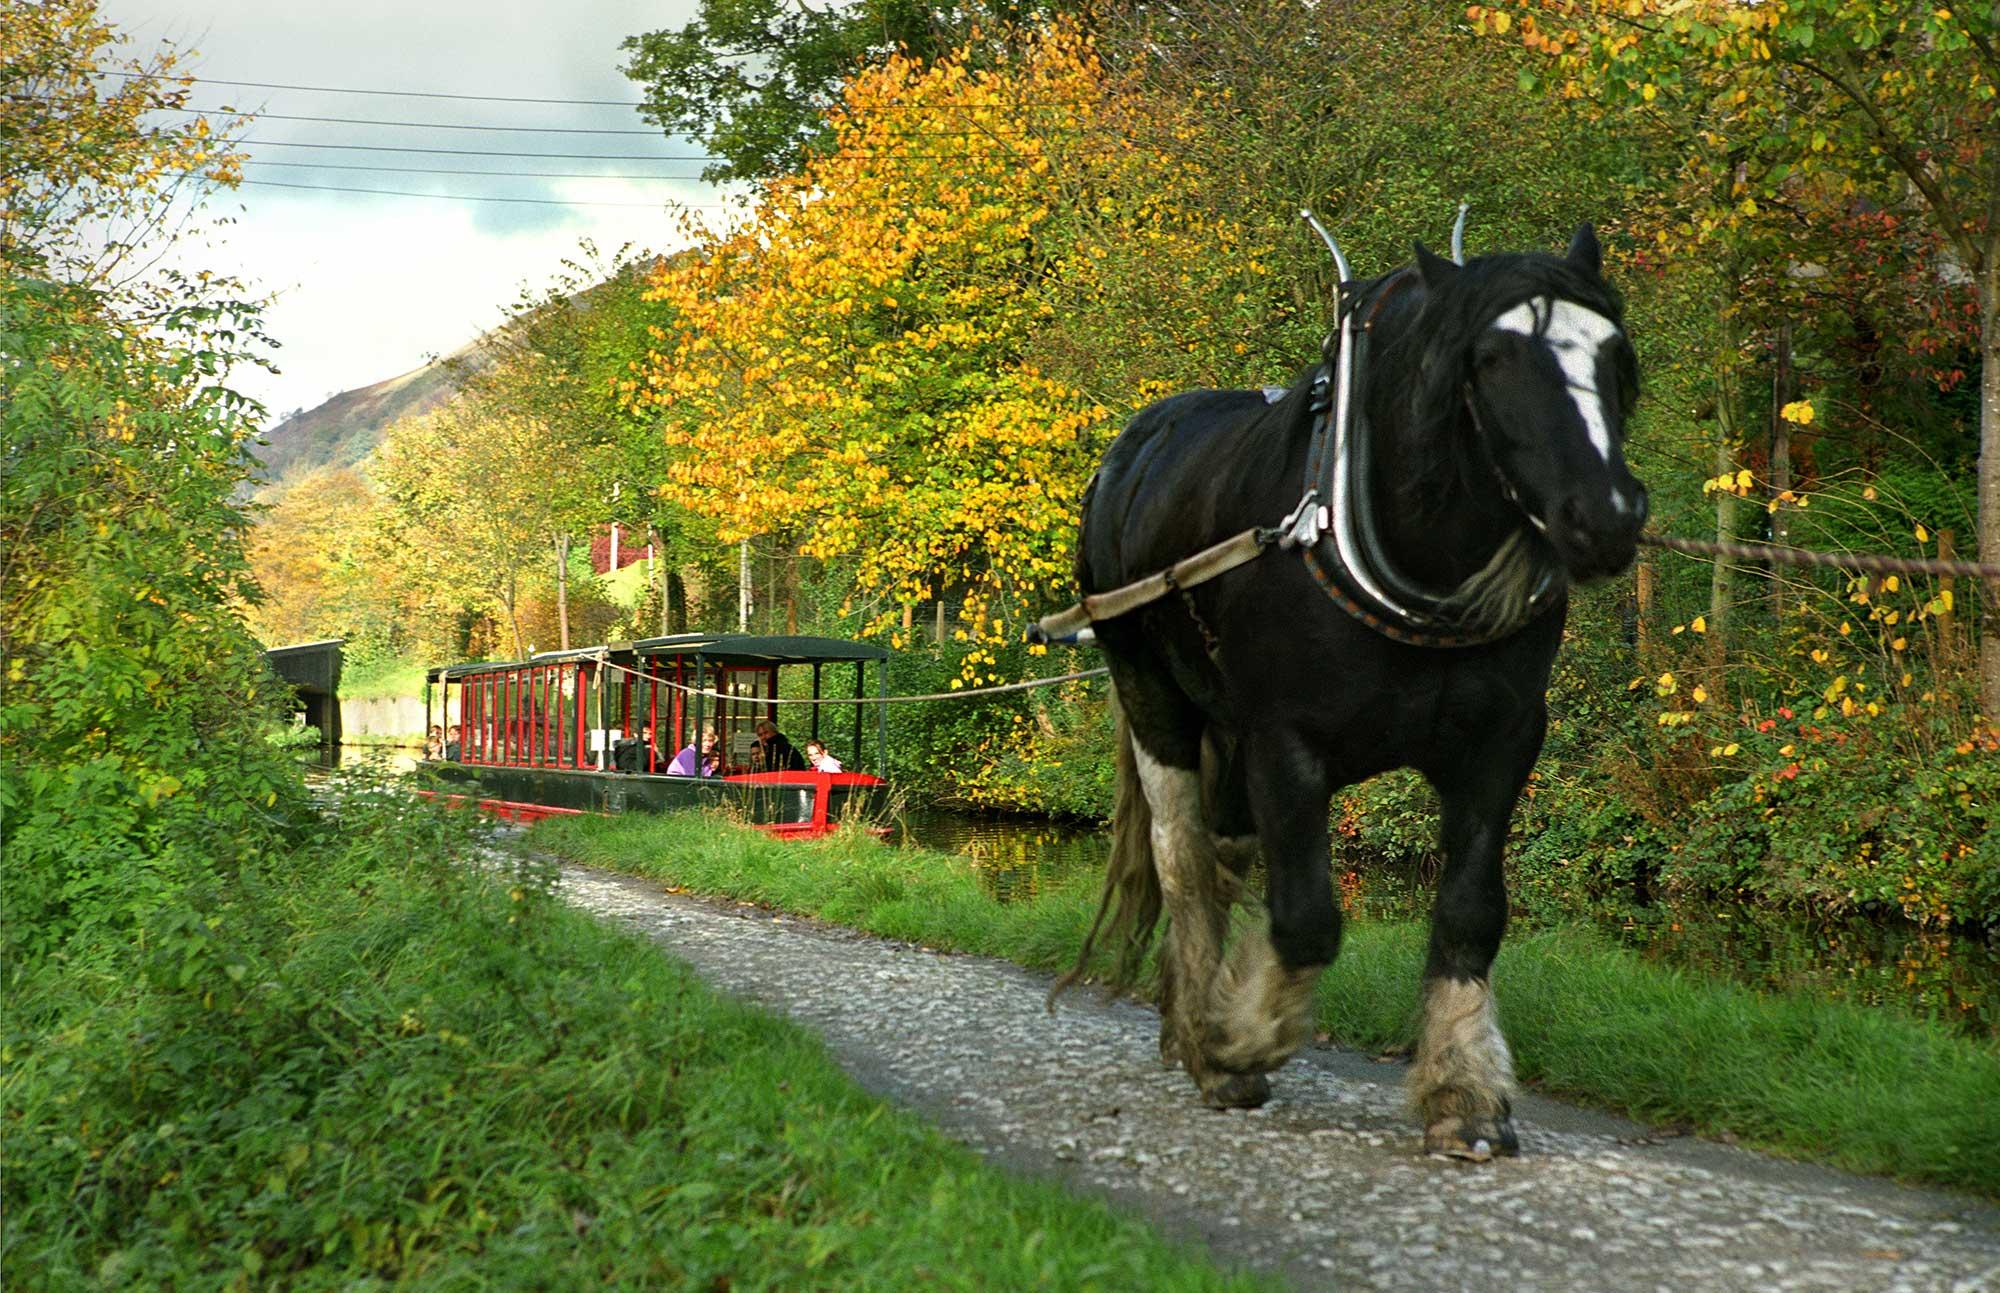 *horse drawn narrowboat llangollen canal